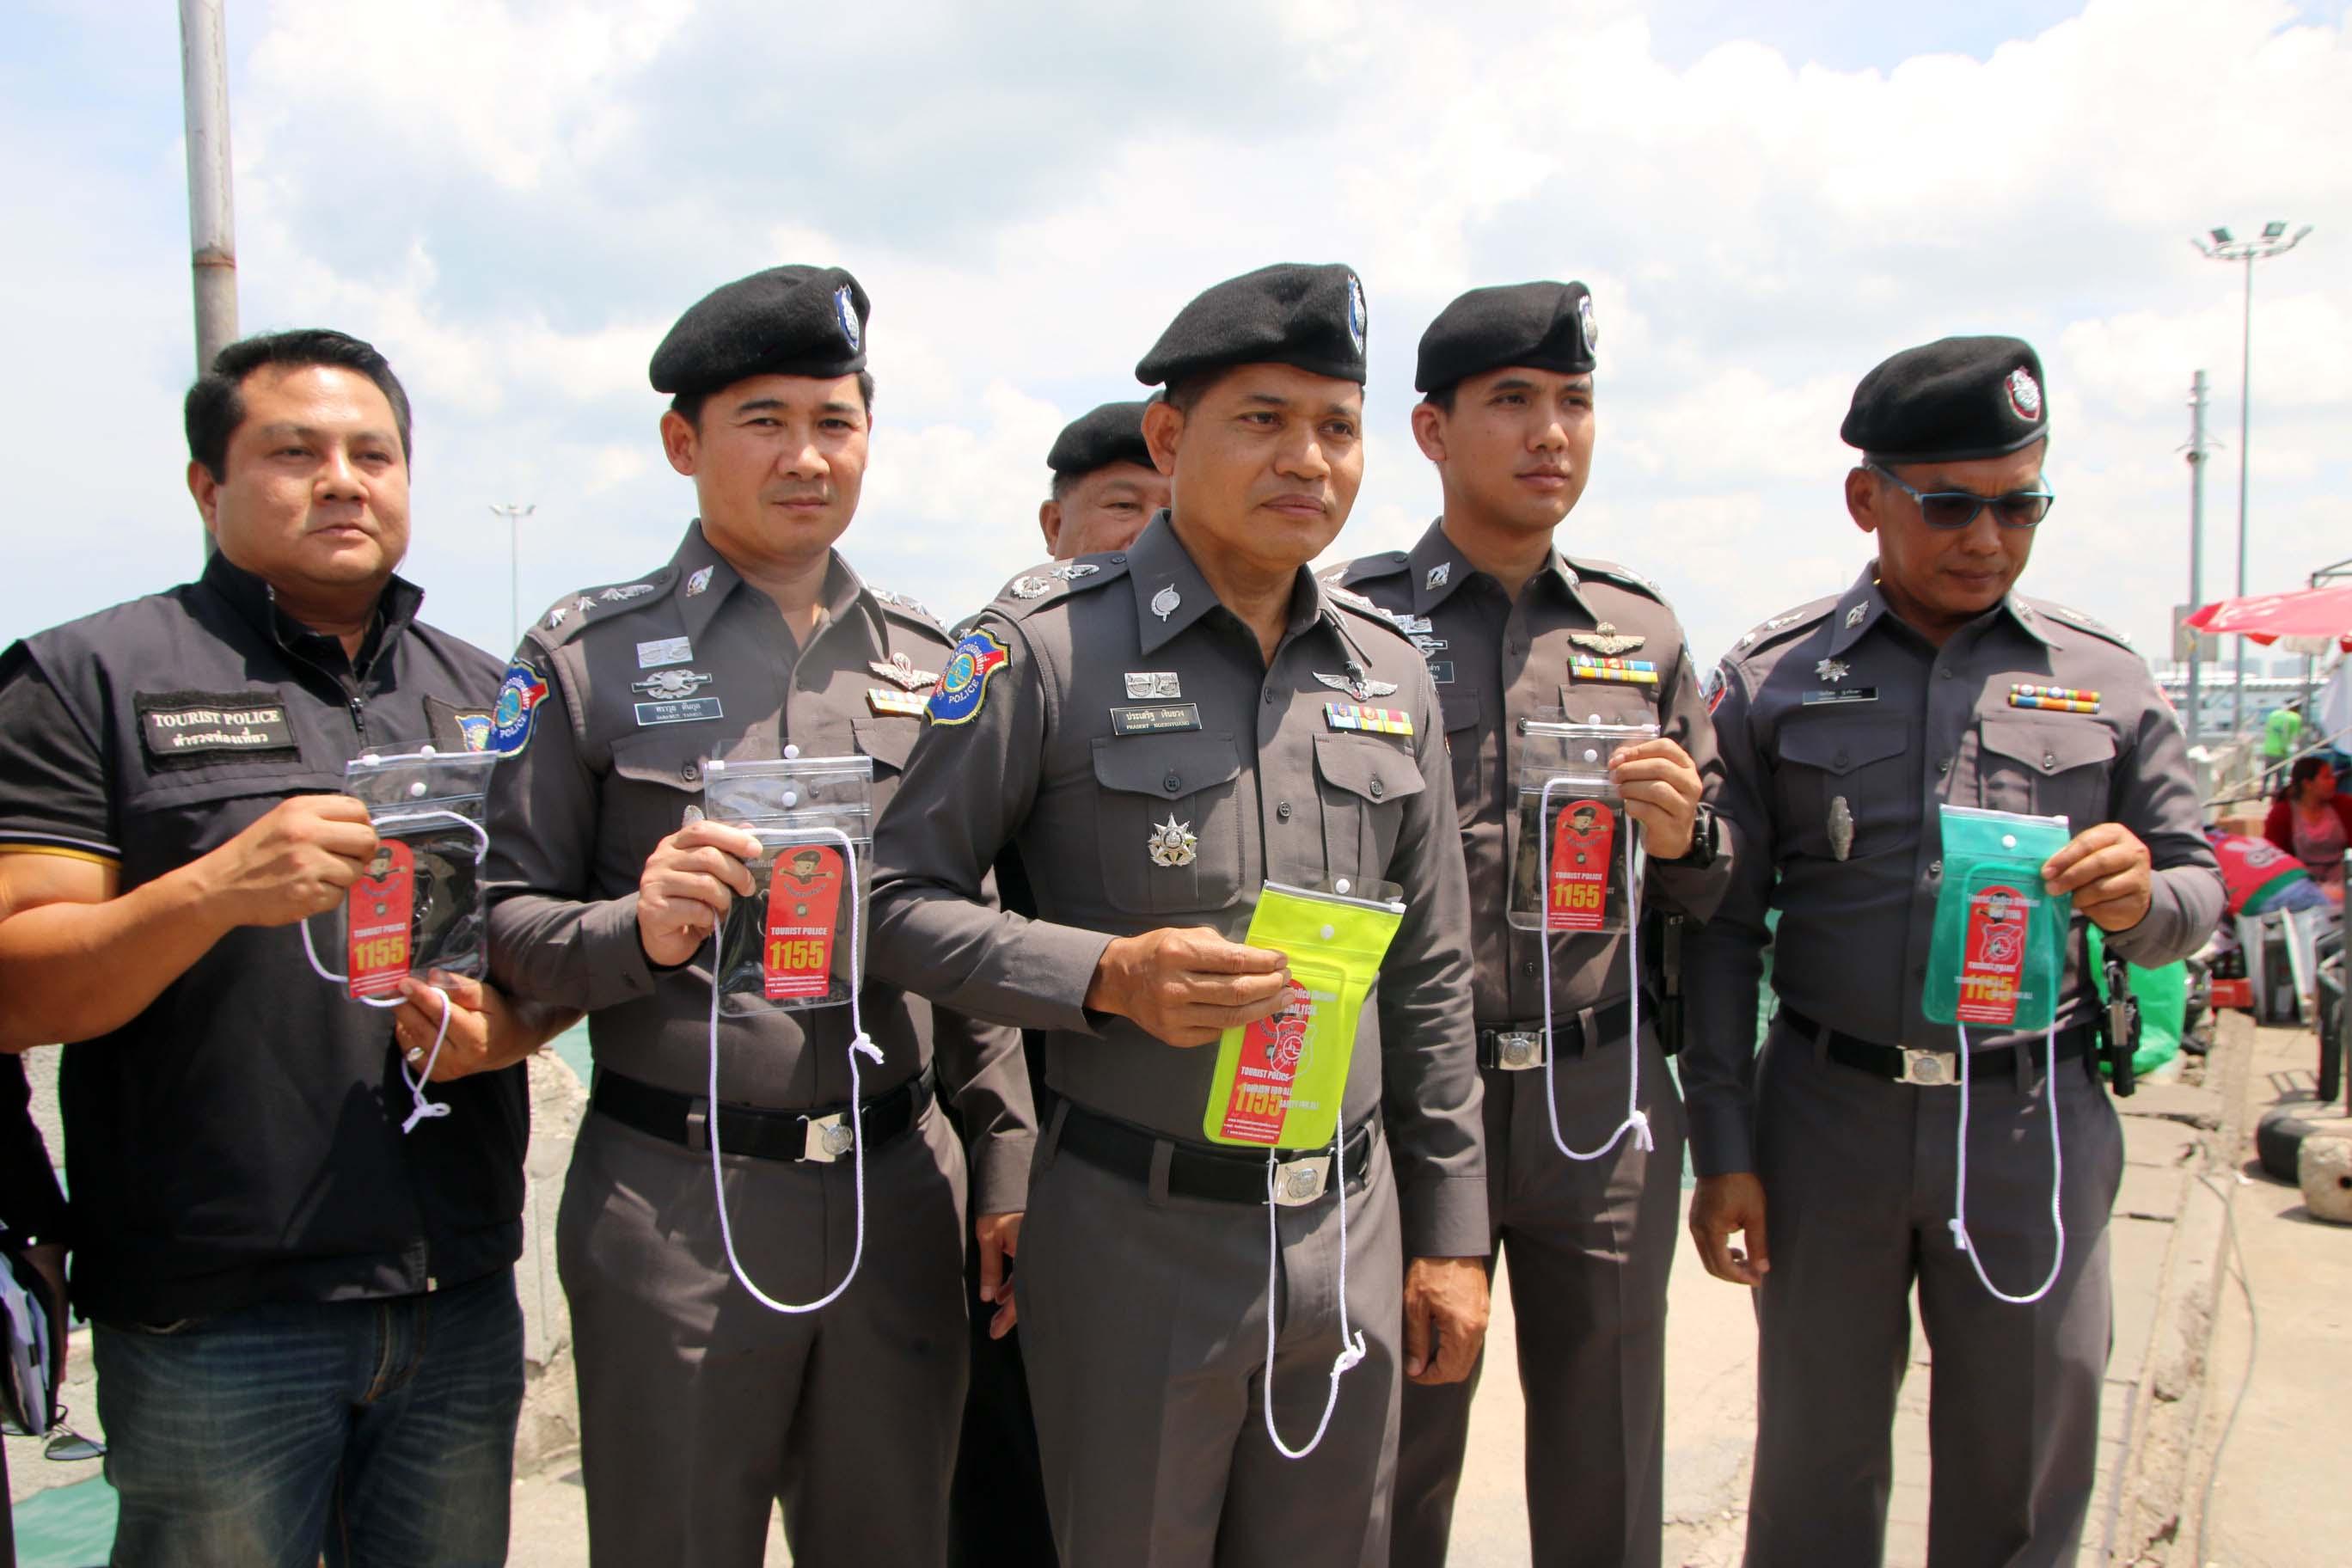 police-helping.jpg?fit=2736,1824